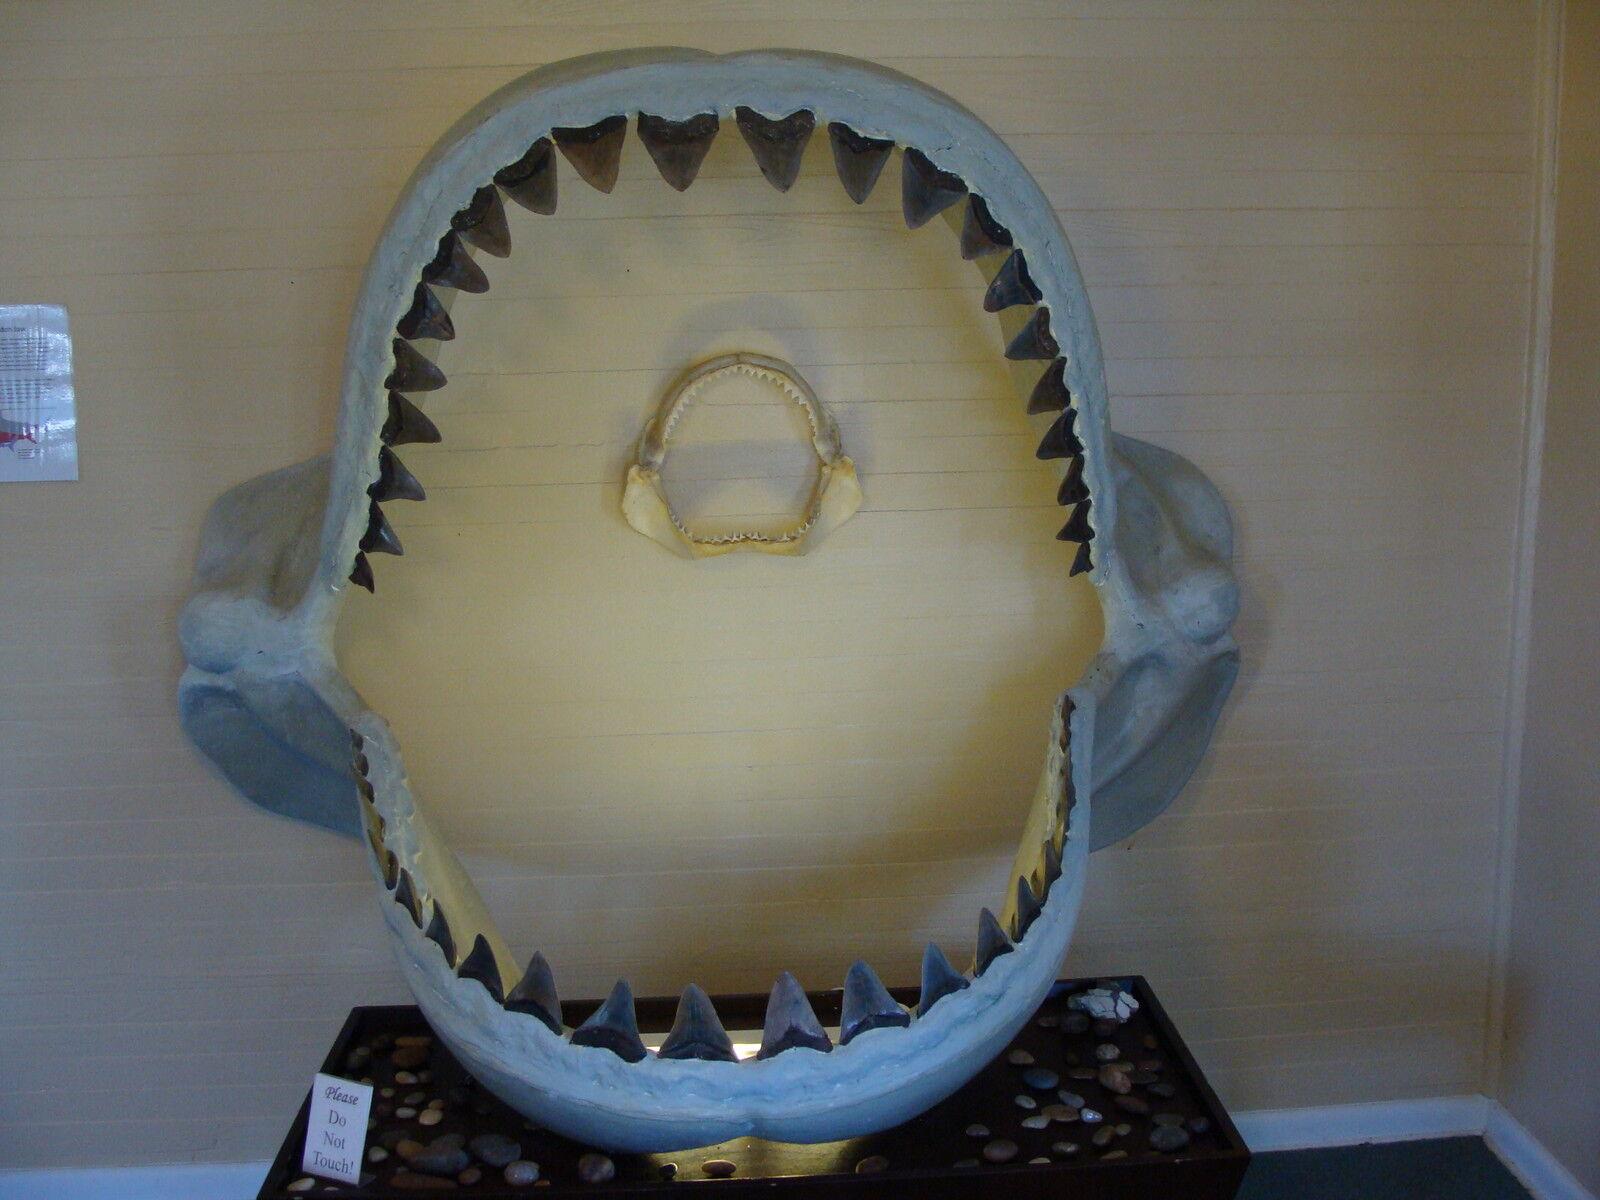 Ru-sharky s Shark Teeth